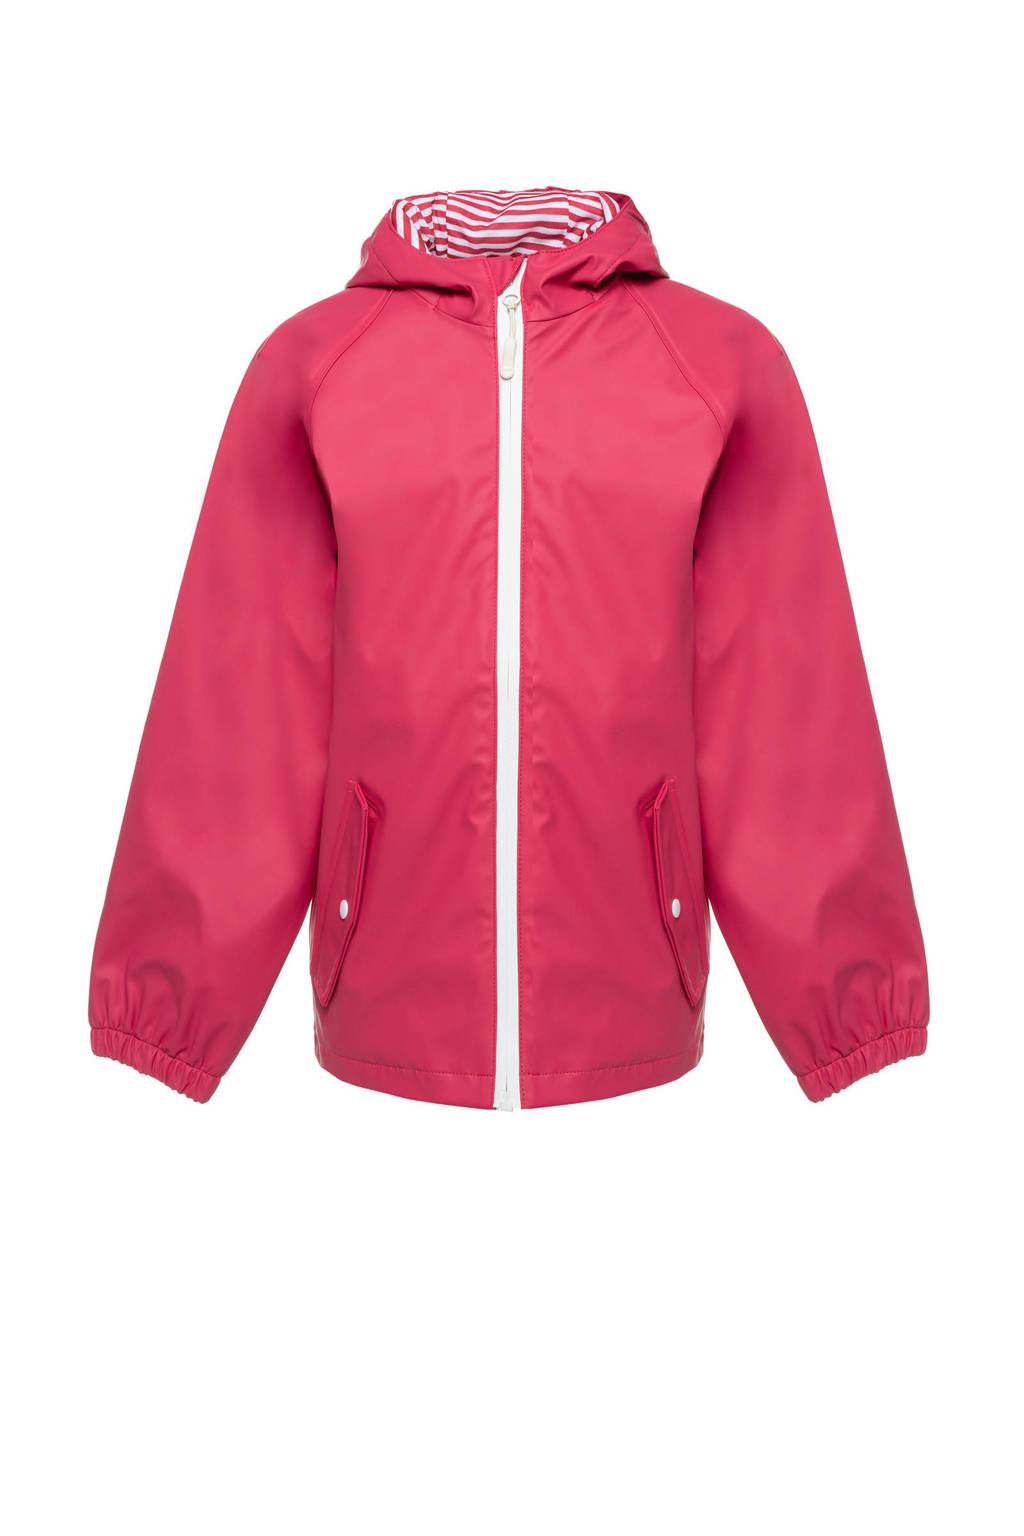 Scapino Mountain Peak meisjes regenjas roze, Roze